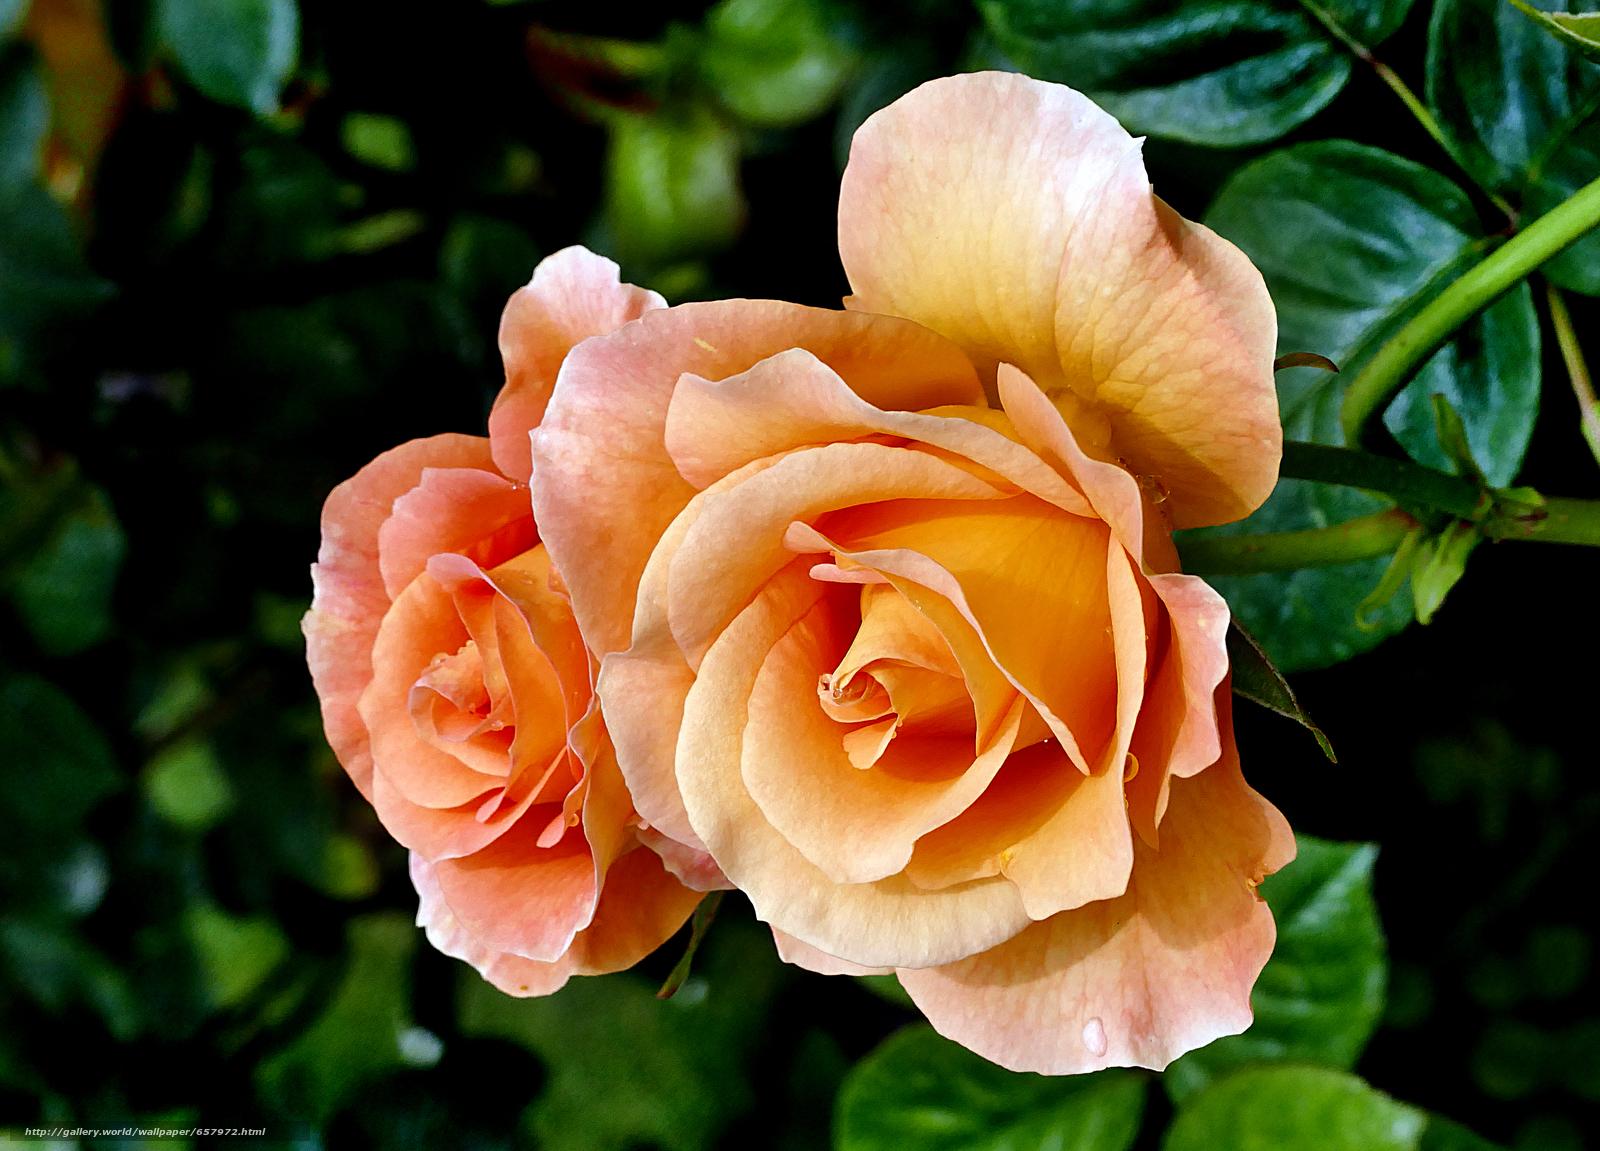 Скачать обои роза,  розы,  цветок,  цветы бесплатно для рабочего стола в разрешении 4000x2878 — картинка №657972